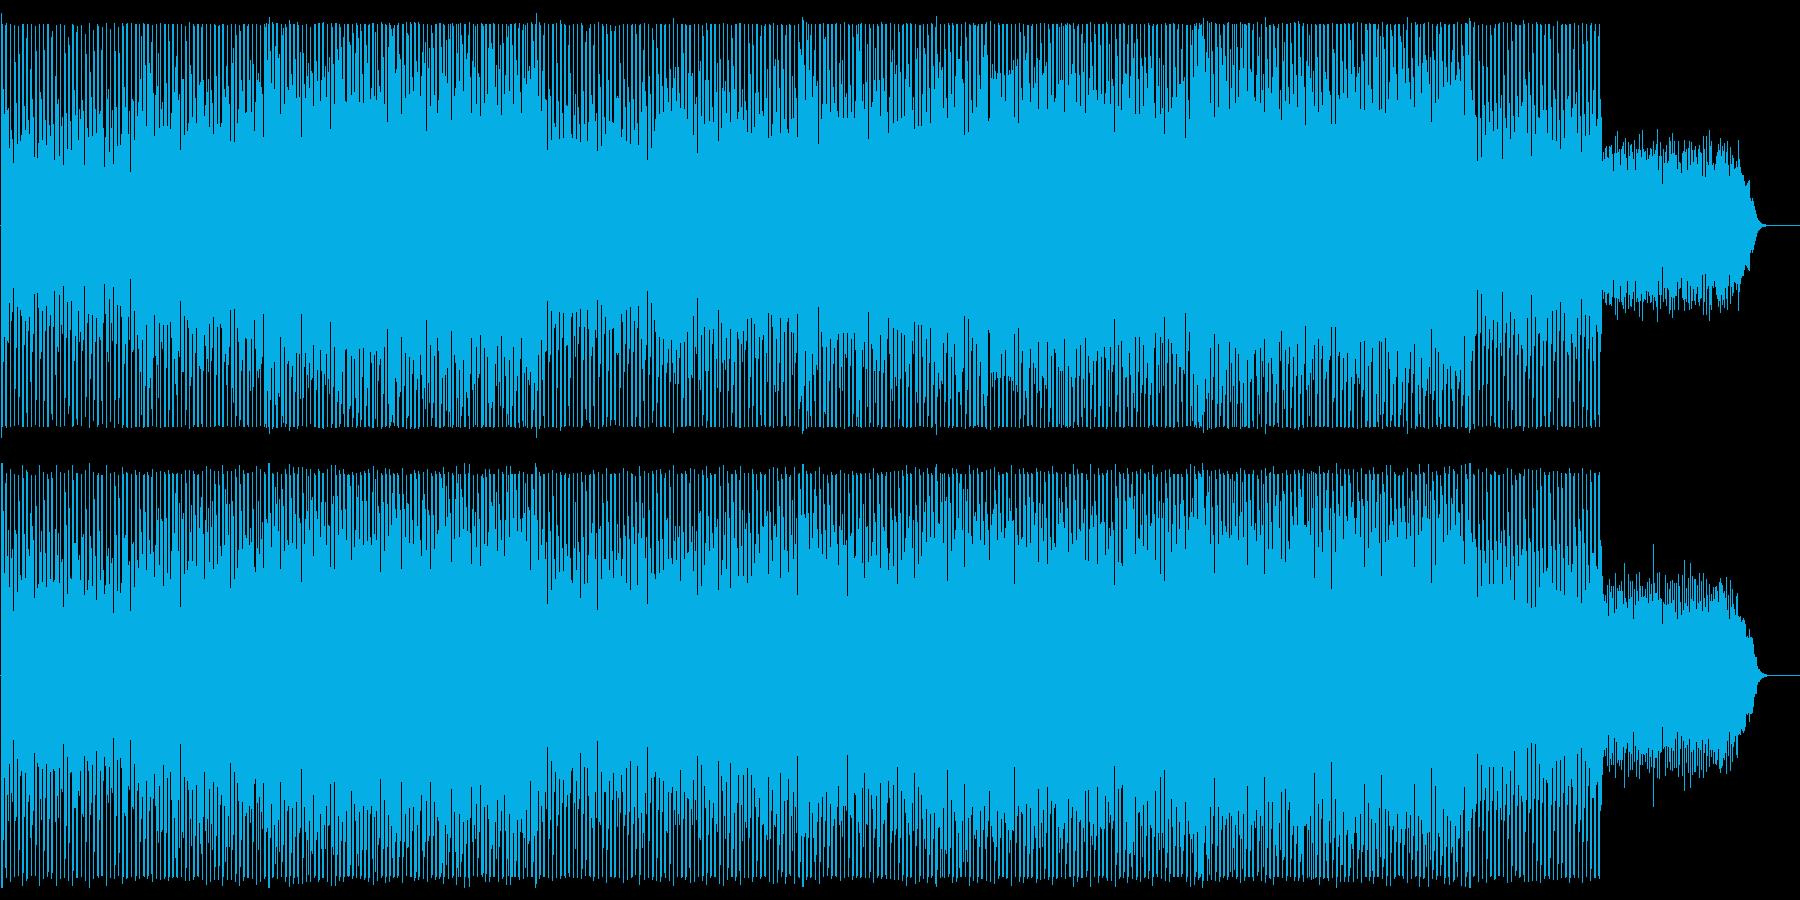 緩やかでリズミカルなシンセポップスの再生済みの波形